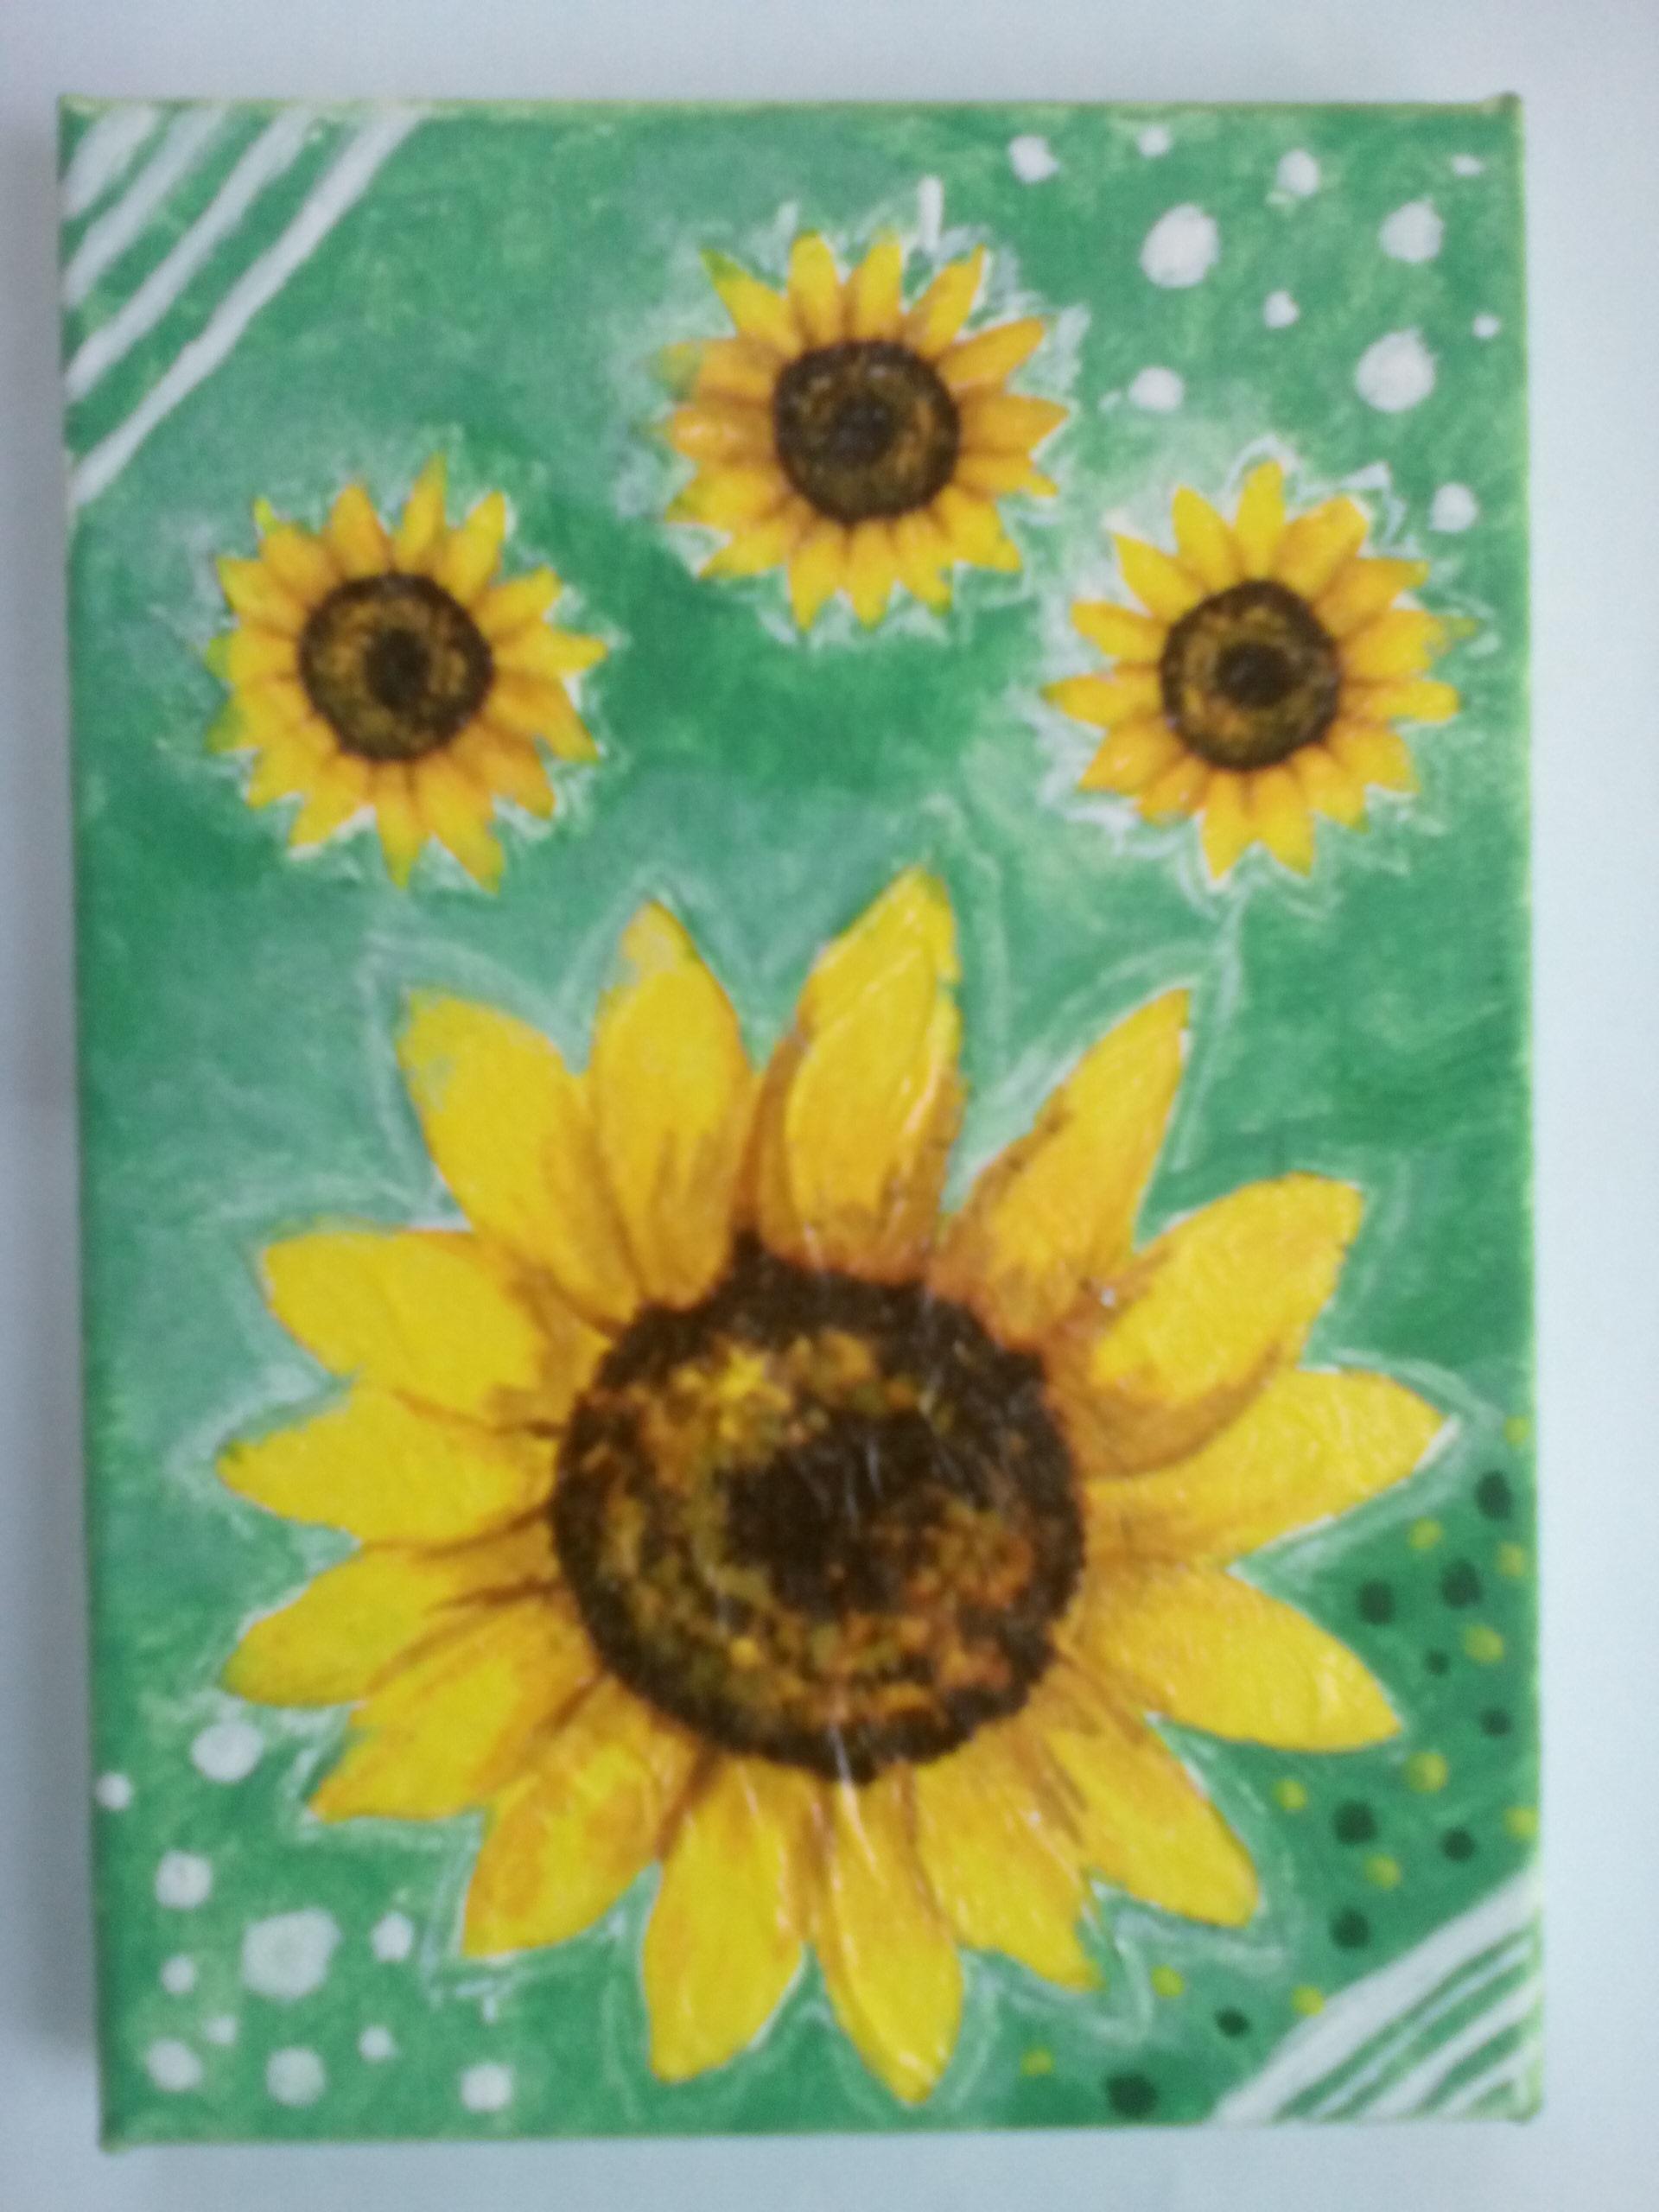 Tablou cu floarea soarelui – tehnica mixta